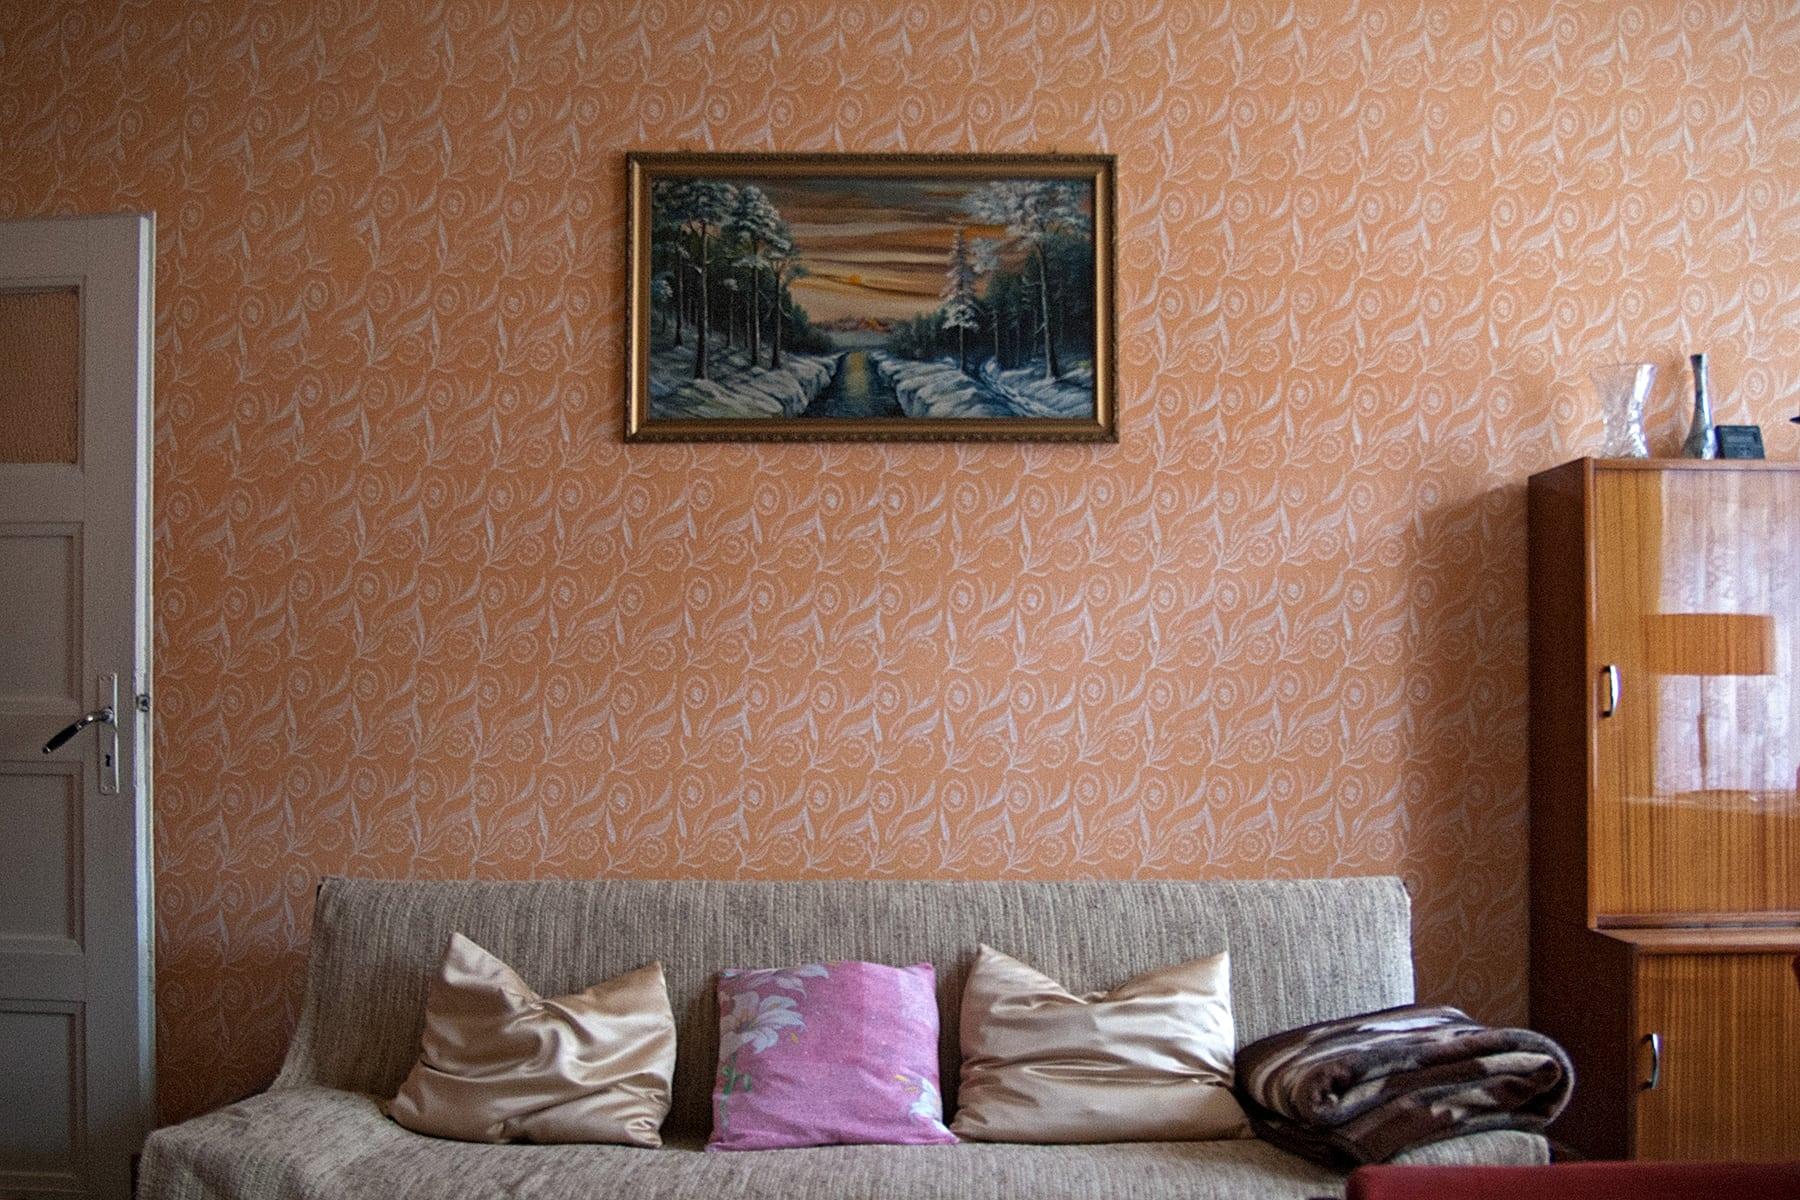 Wohnzimmer mit gerollten Strukturmustern auf farbiger Wand